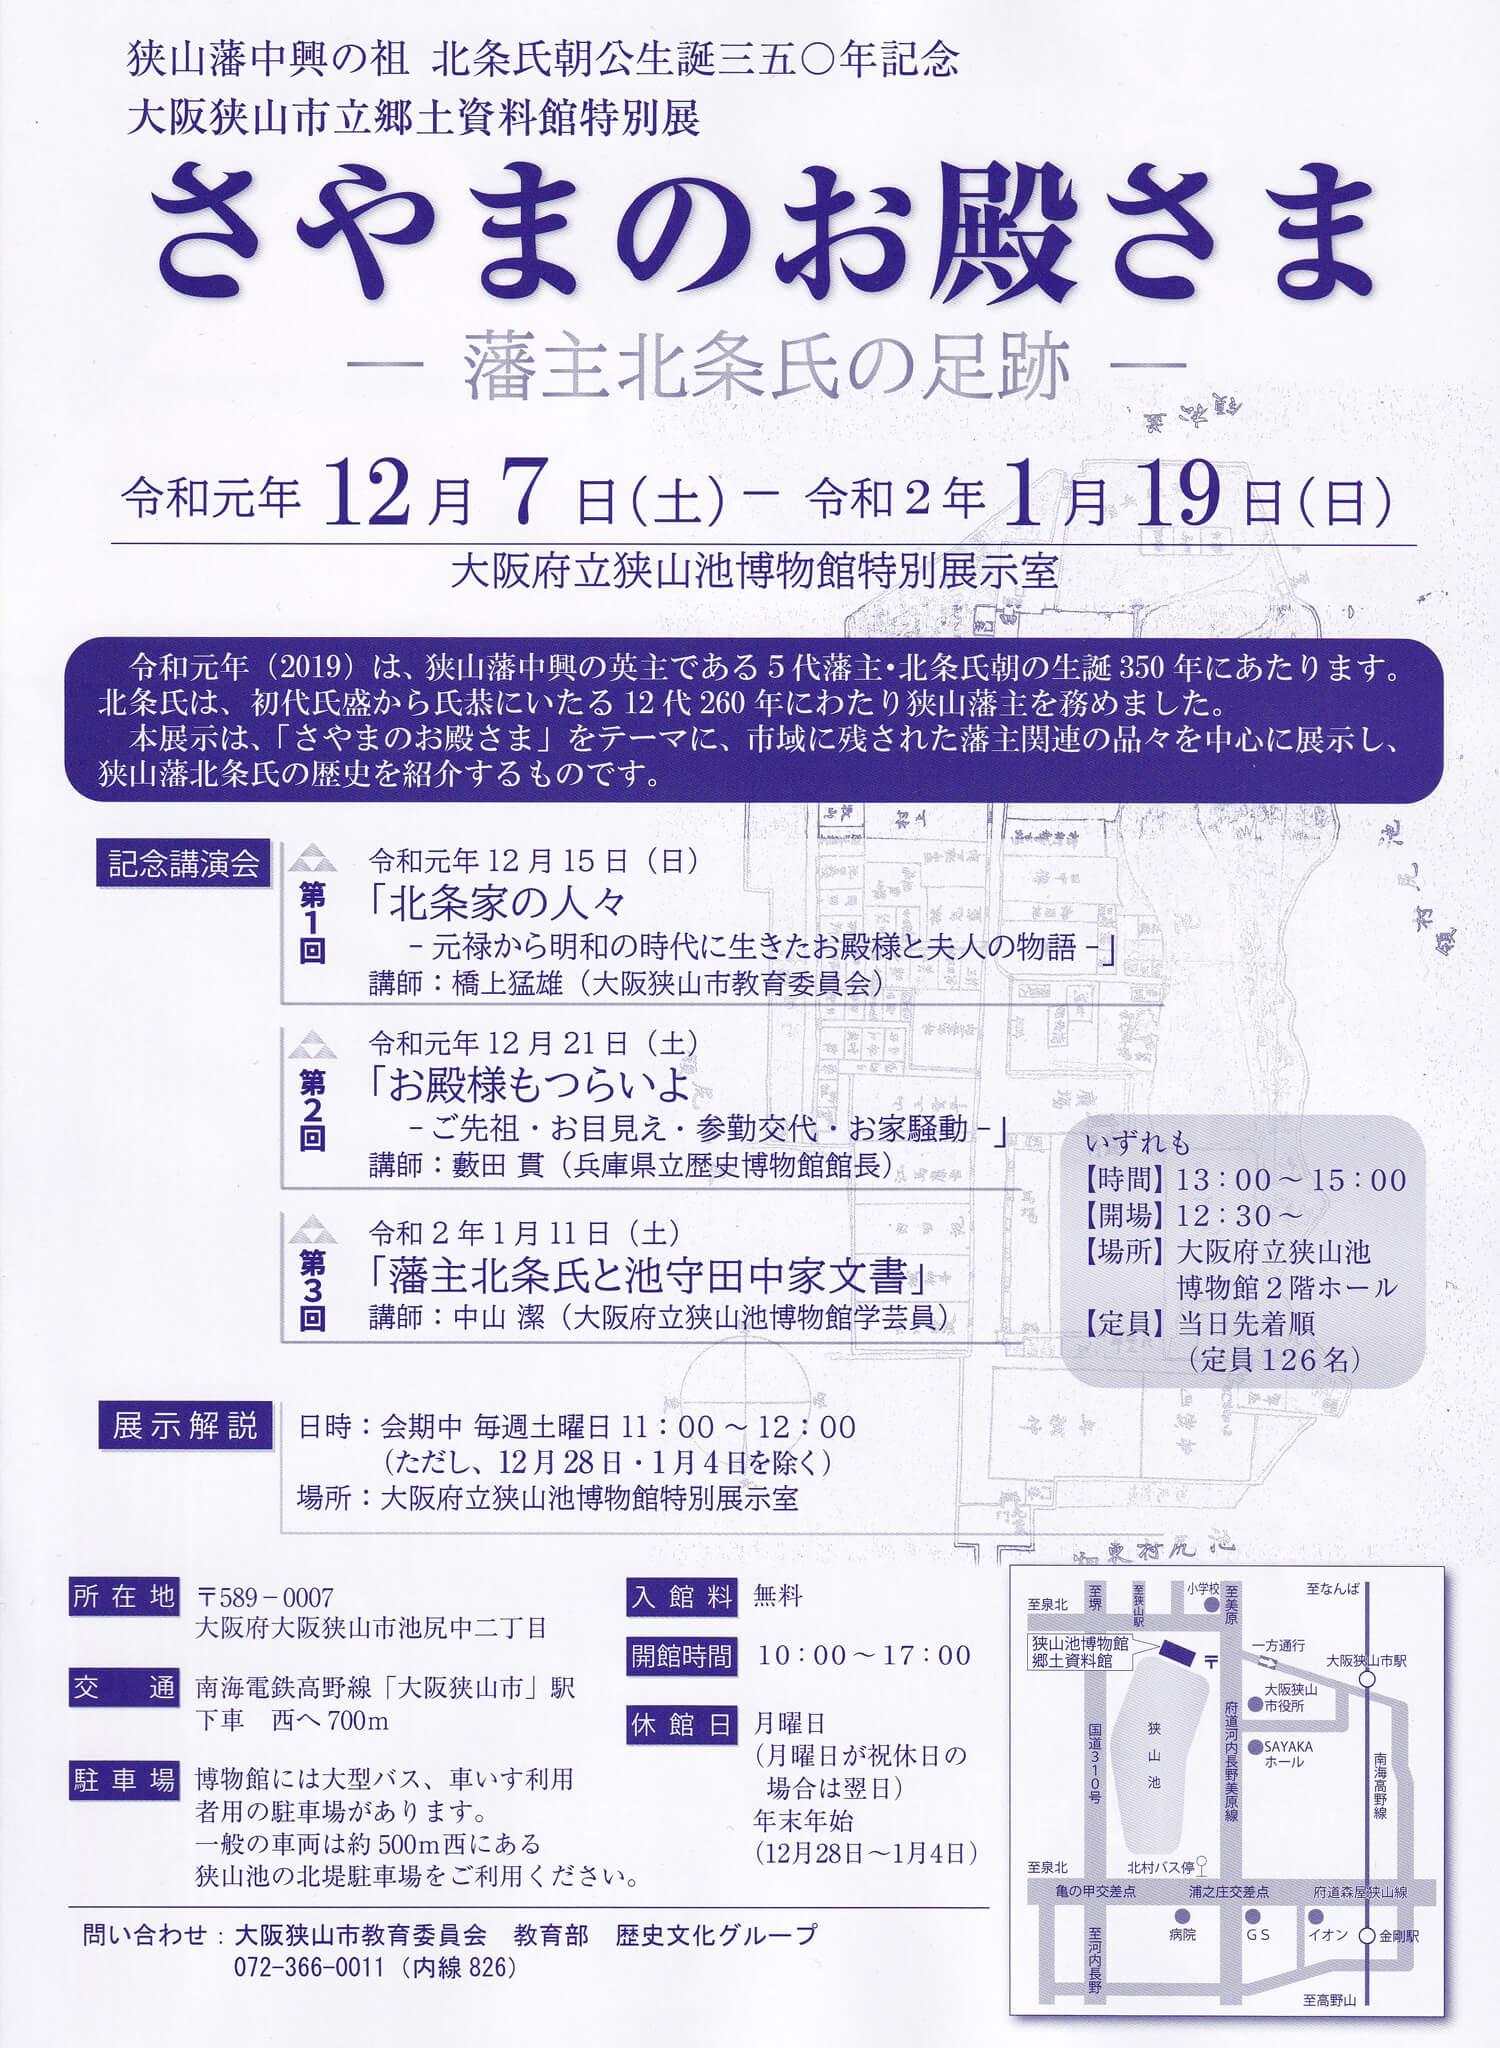 【狭山池博物館】「さやまのお殿さま-藩主北条氏の足跡-」が2019年12月15日から2020年1月19日まで開催 (2)